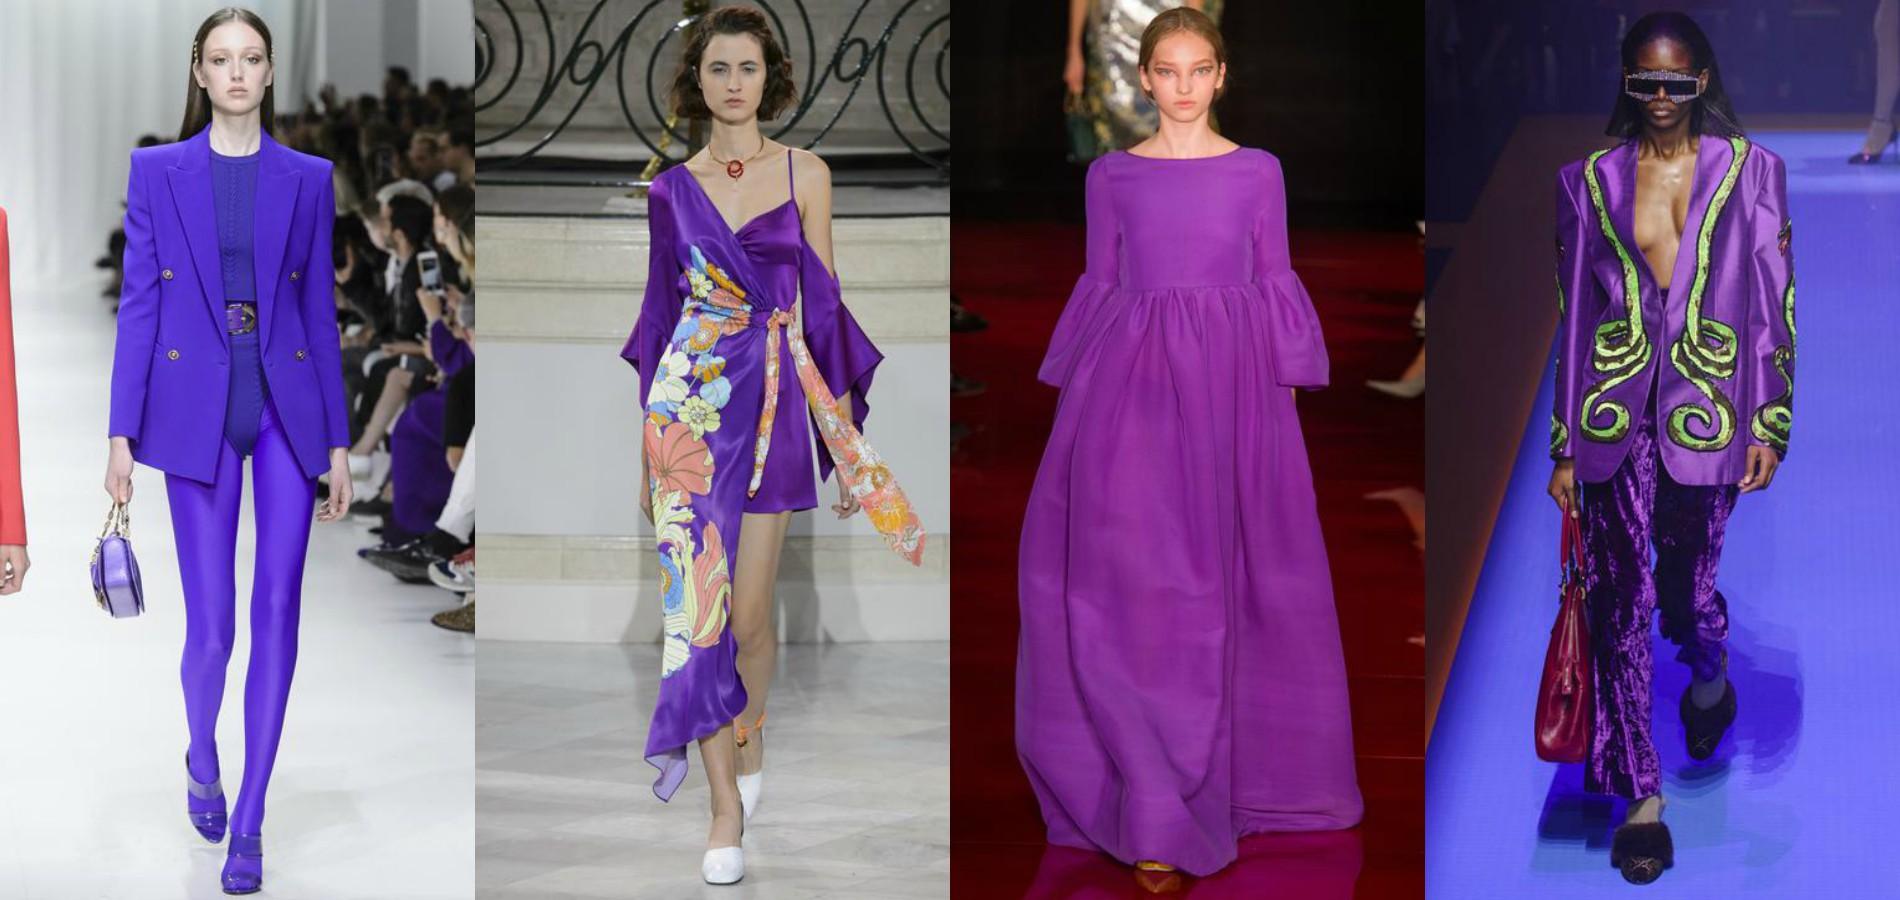 Couleur Pantone De L Année 2017 ultra violet, la vibrante couleur de l'année 2018 selon